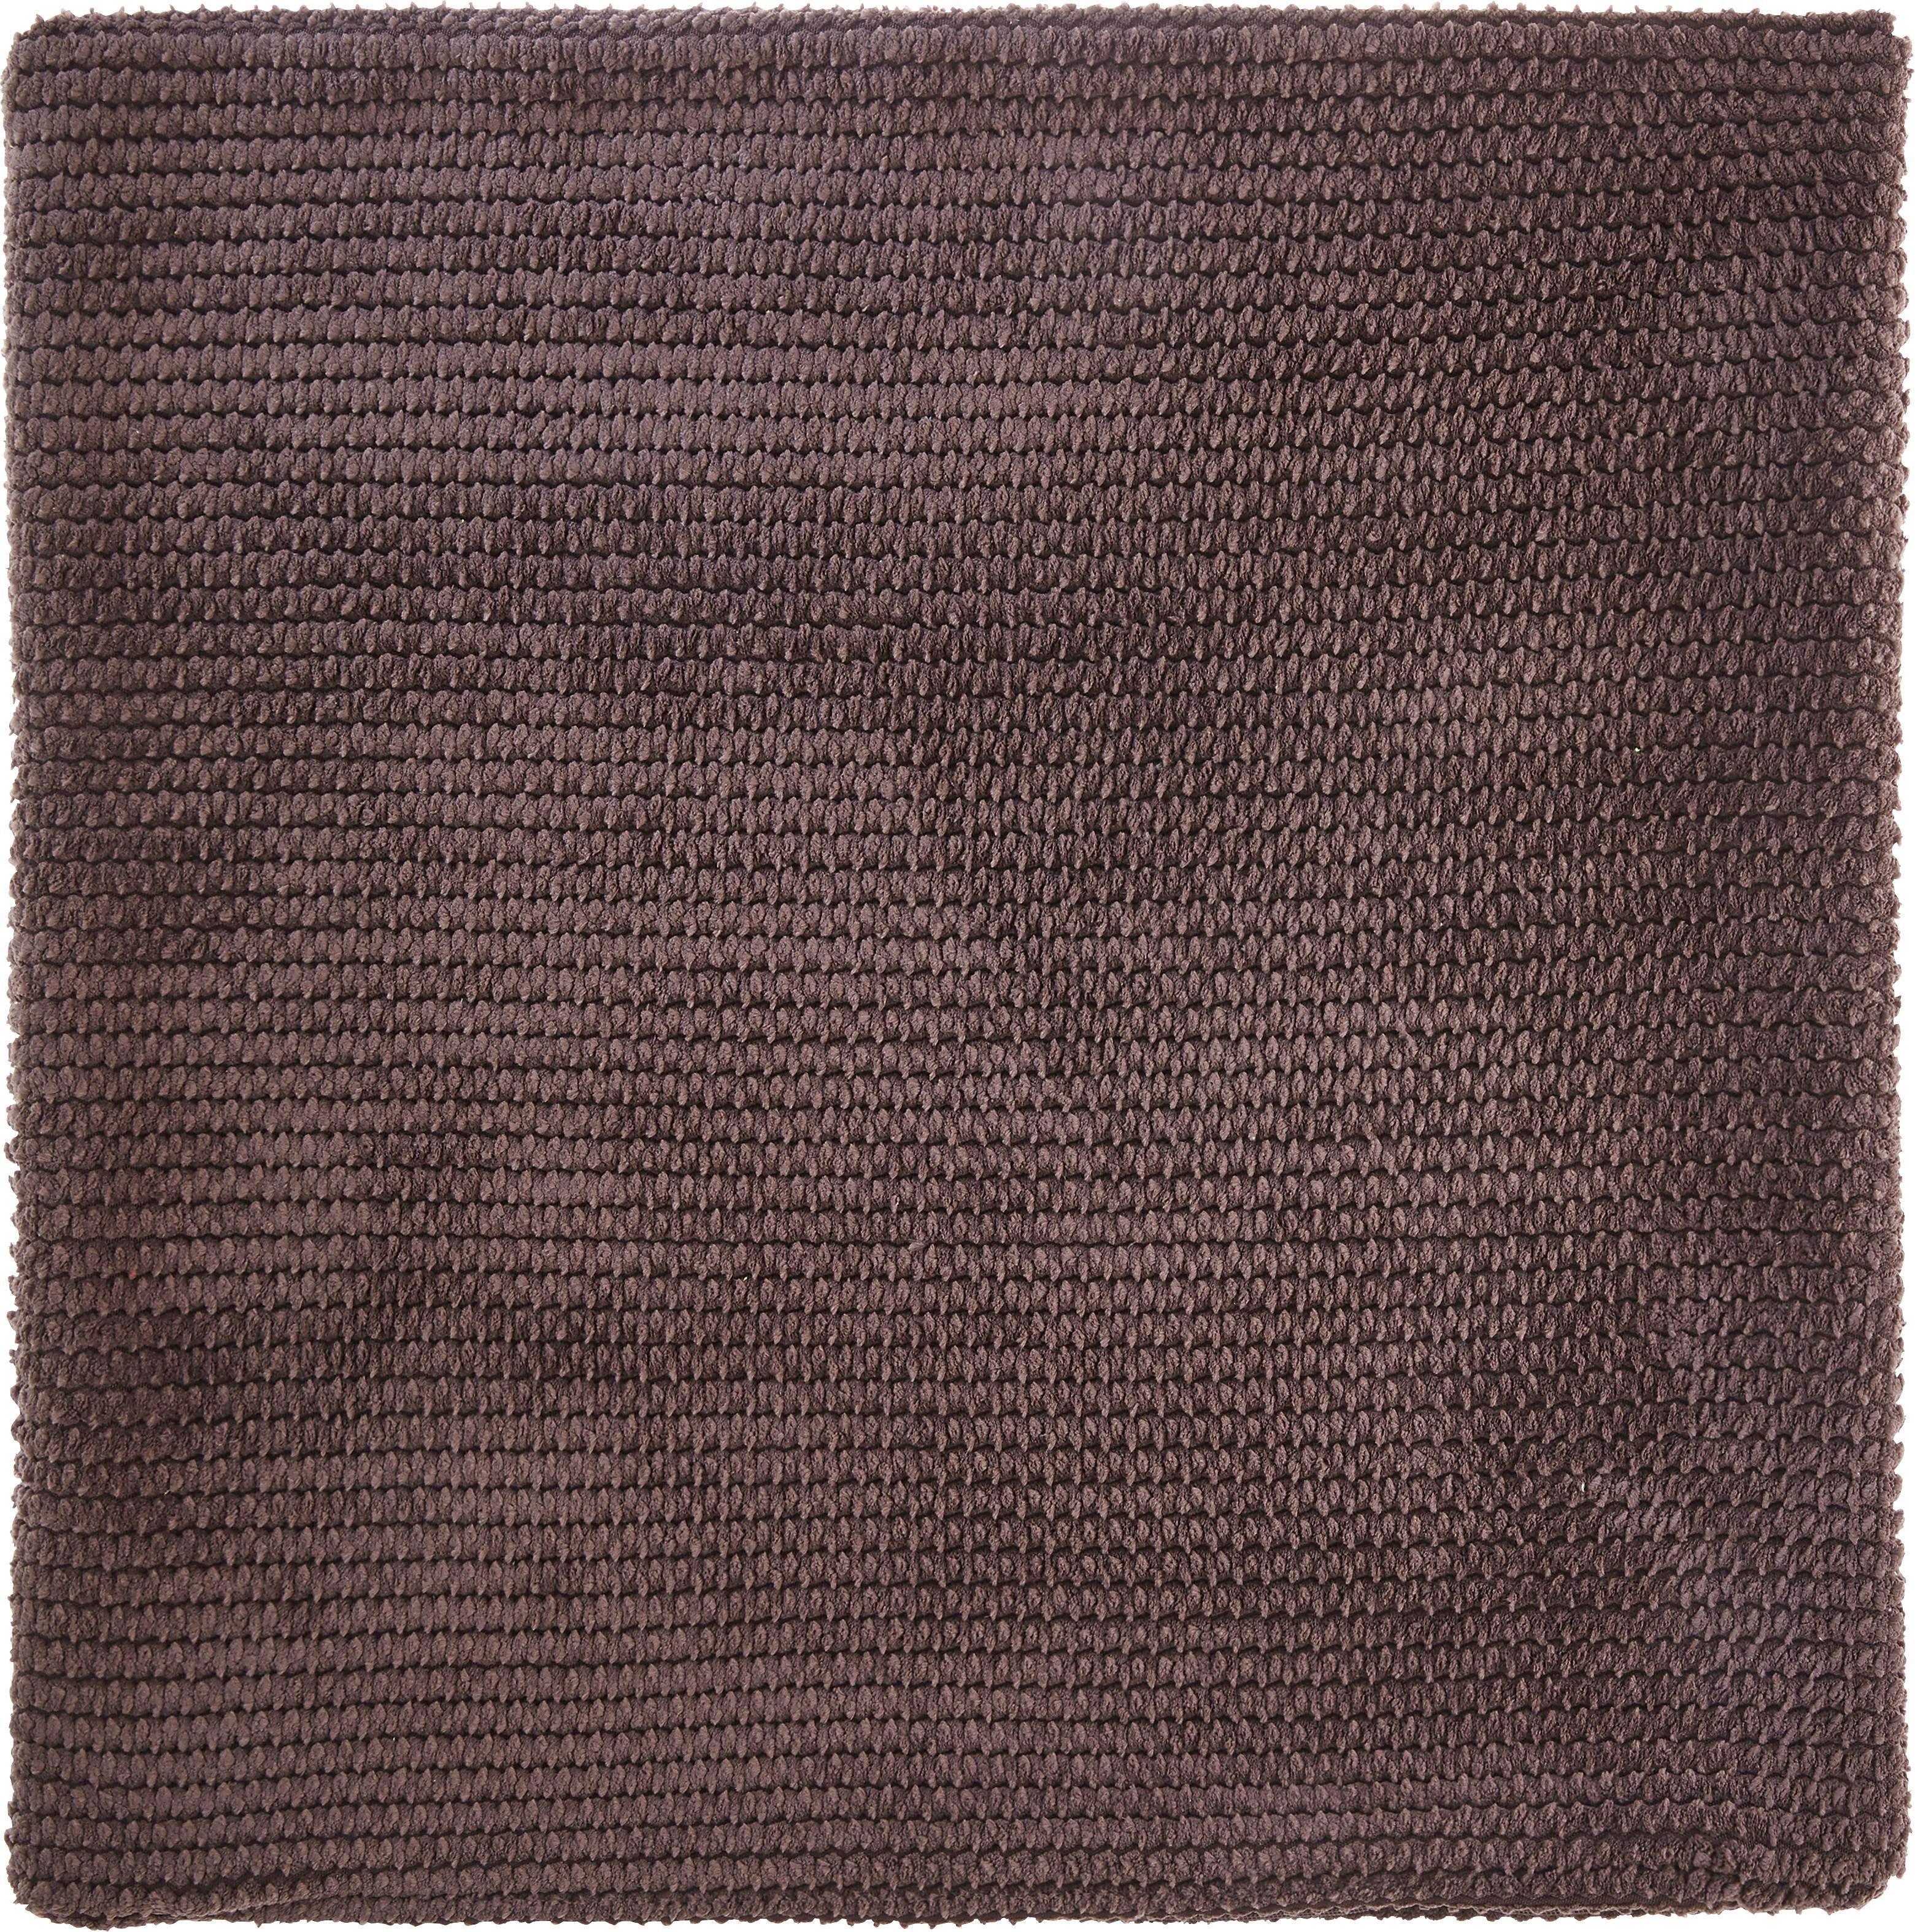 Kissenhülle Maxima, ca. 50x50cm - Braun, KONVENTIONELL, Textil (50/50cm) - MÖMAX modern living